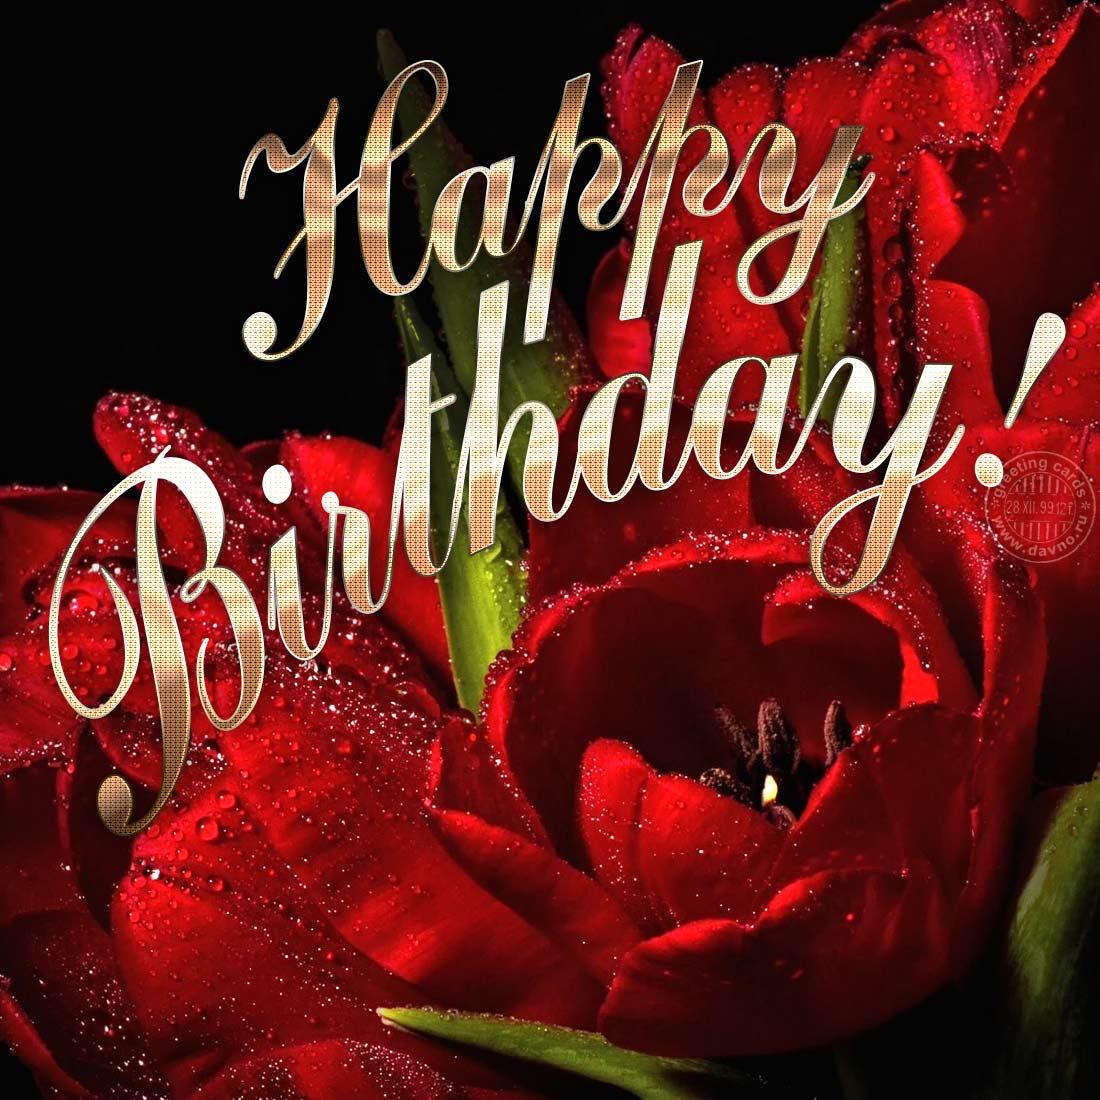 Картинки с днем рождения любимый на английском языке